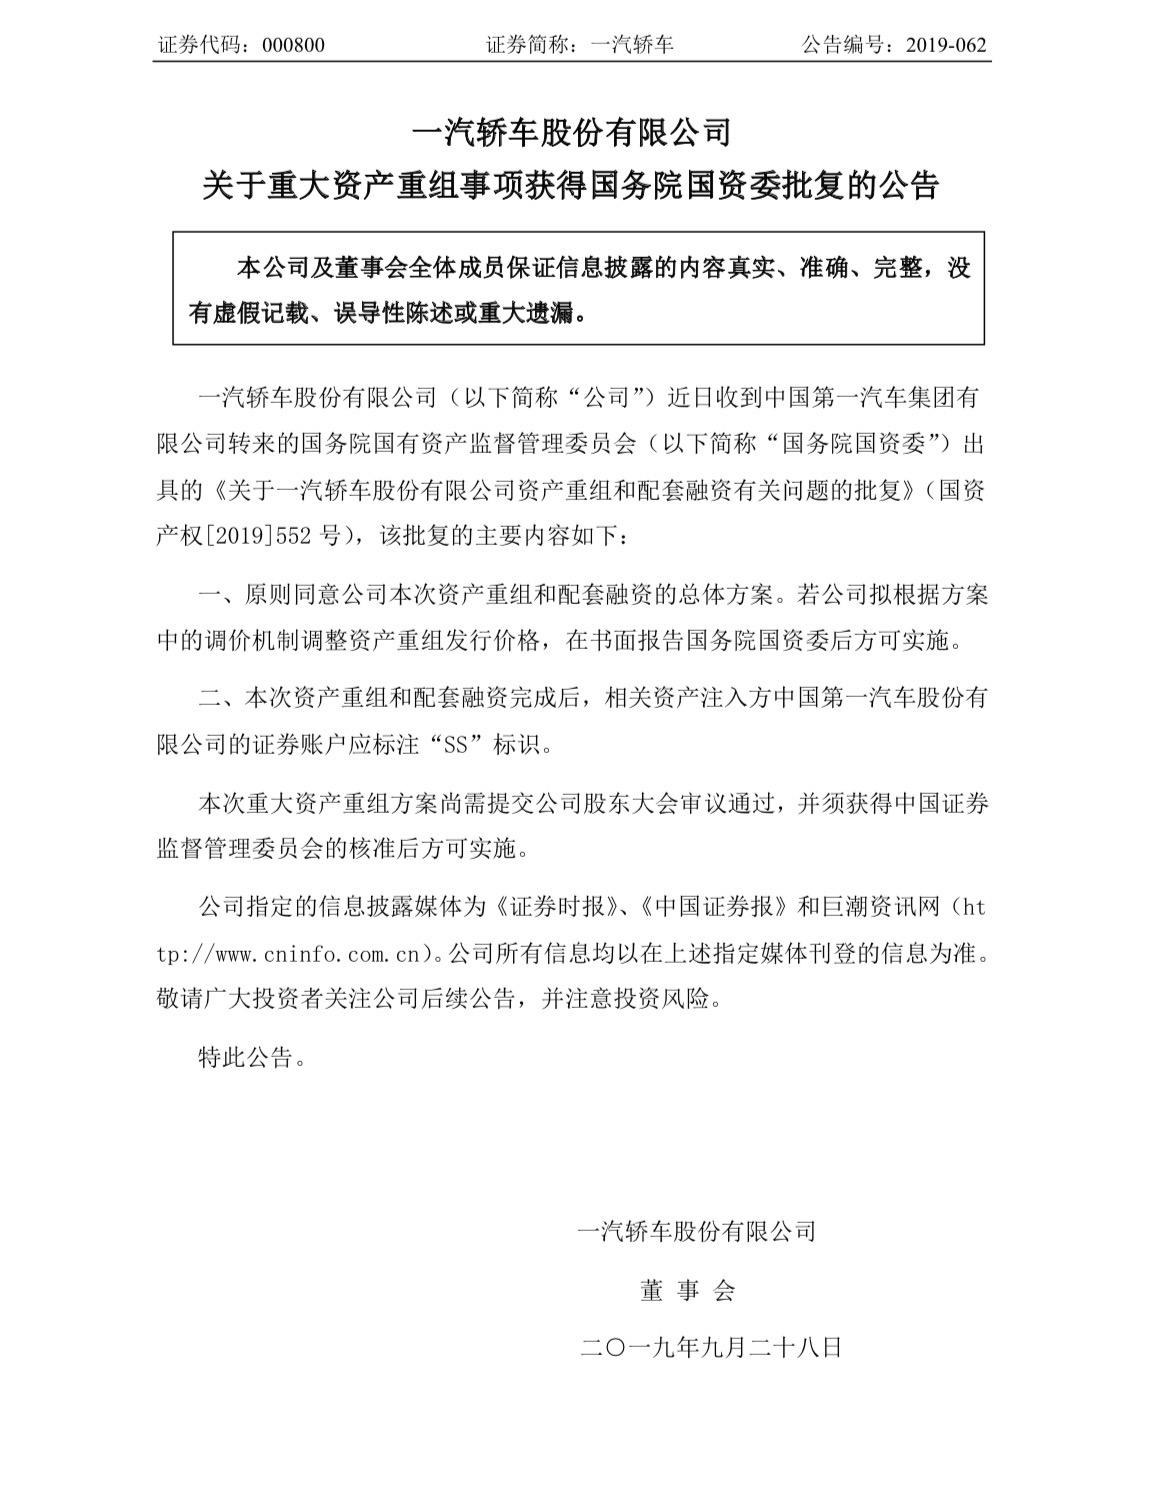 三股东联合罢免董事会 天神高管:蓄谋已久、来意不善